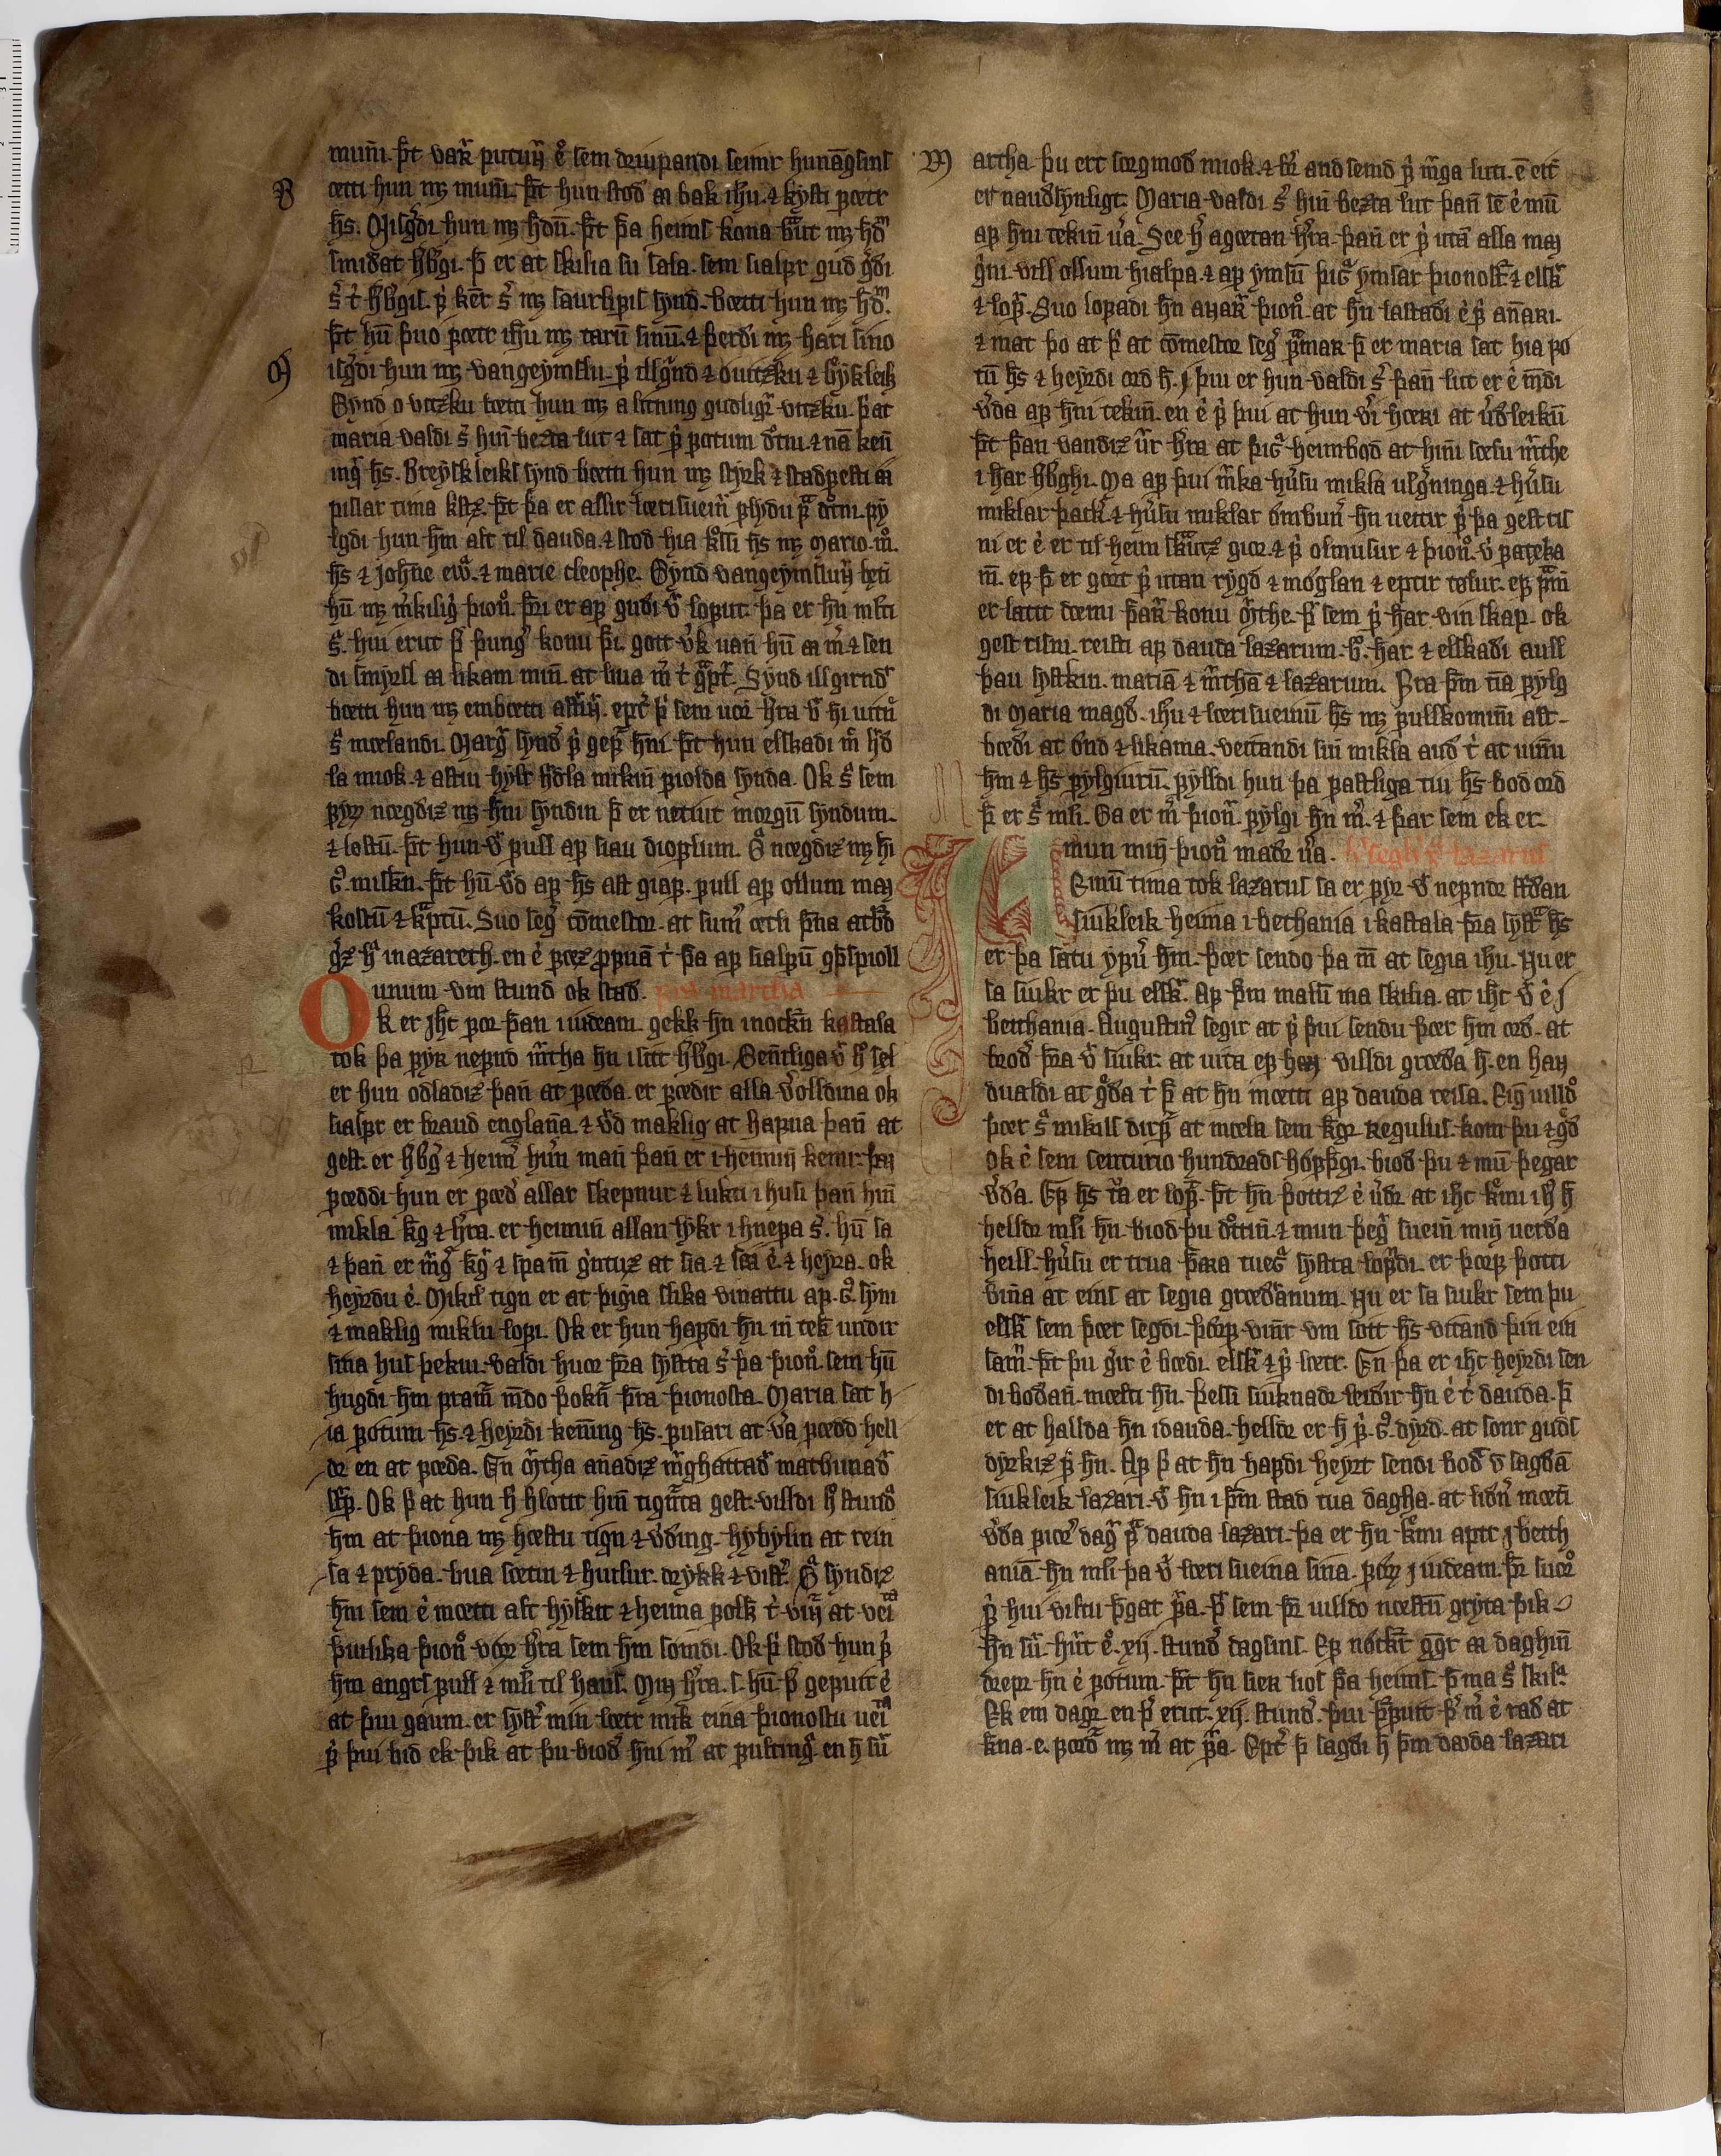 AM 233 a fol - 20v